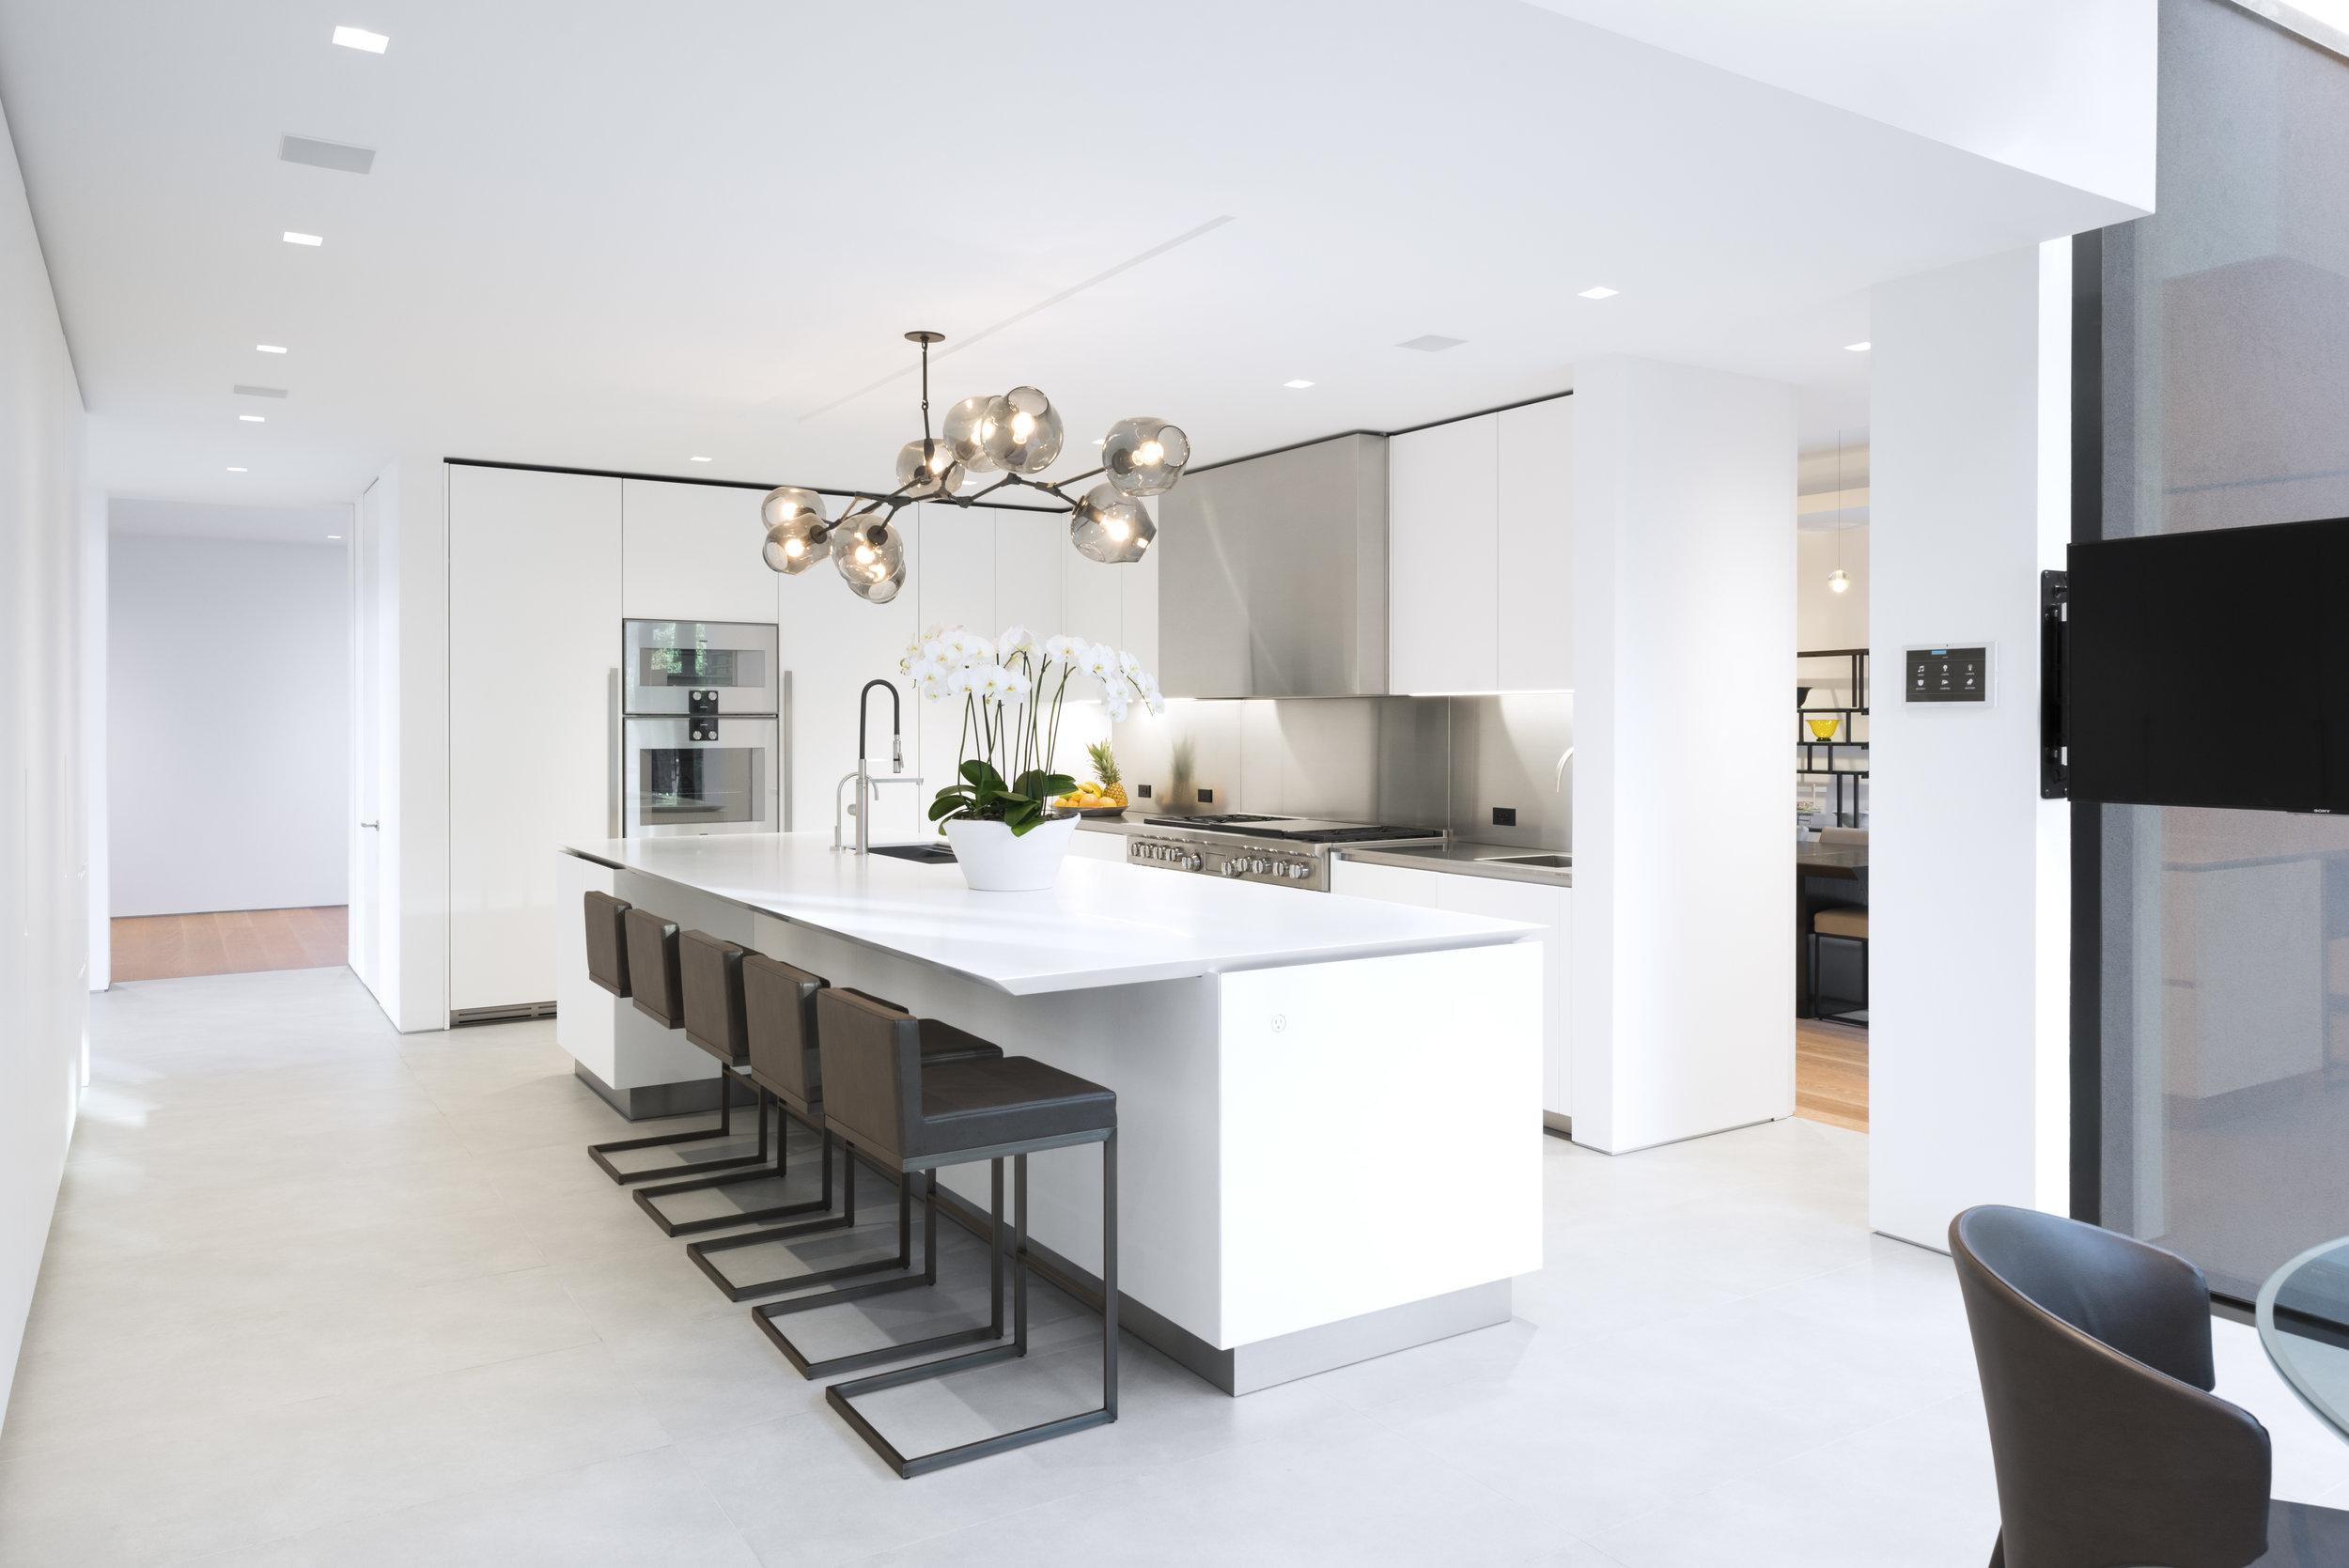 Amazing interior design kitchen